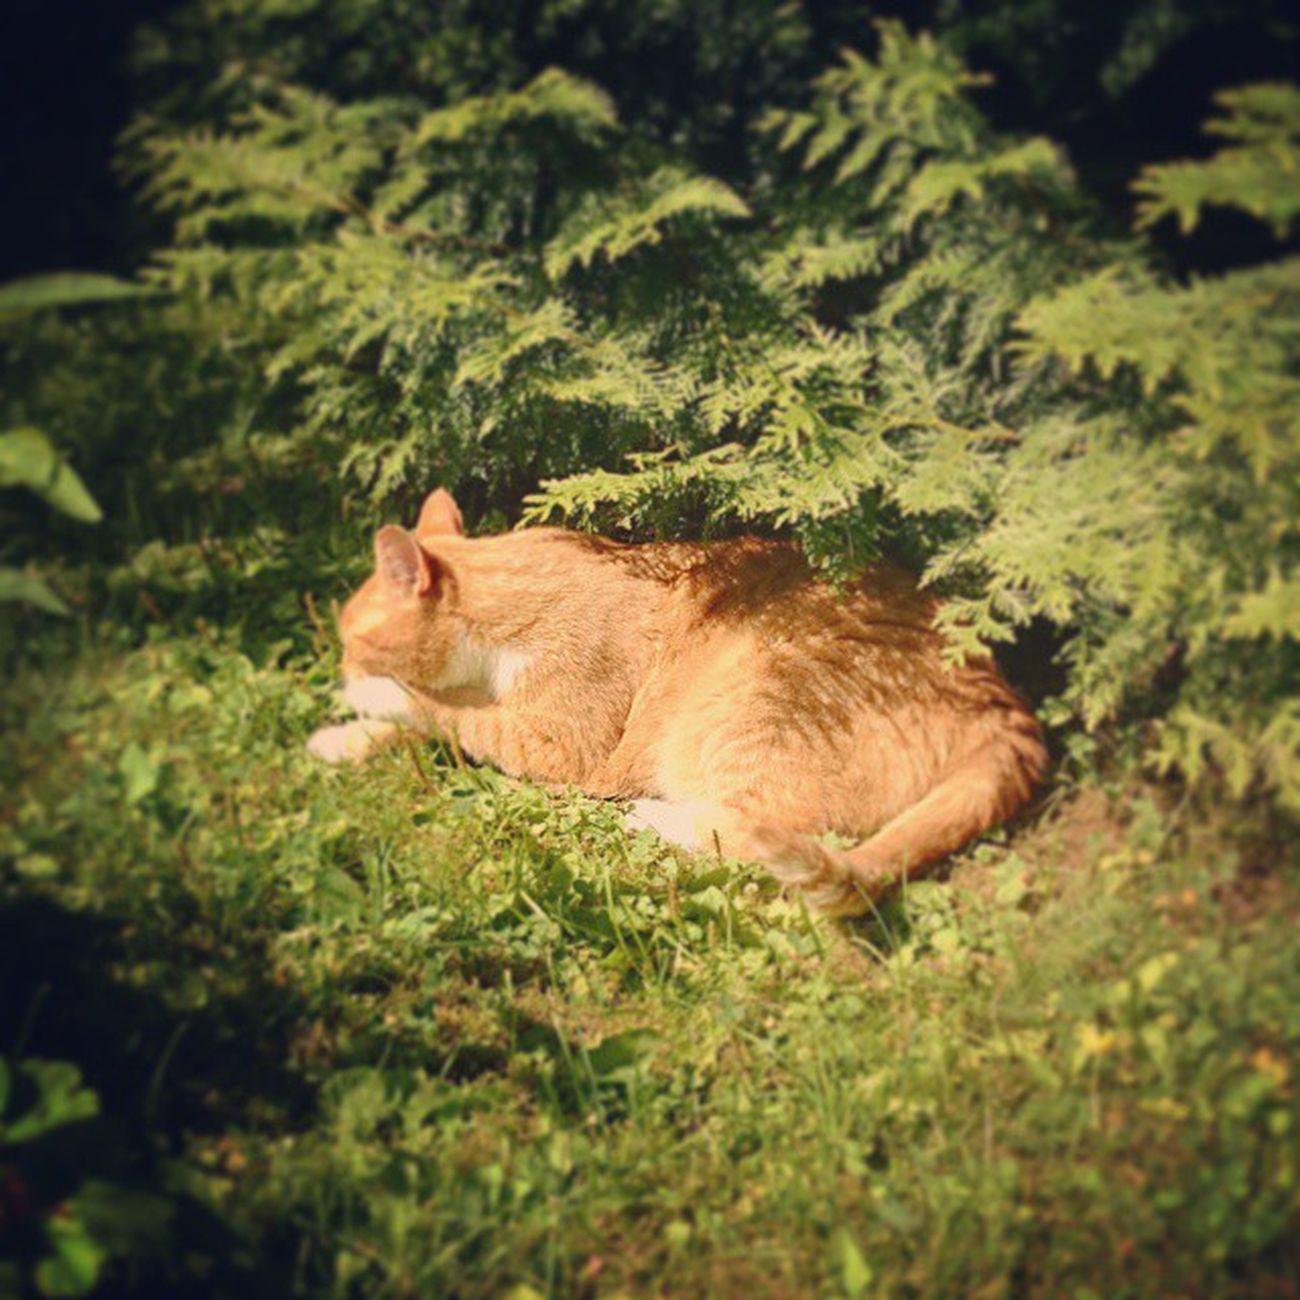 Kissa Nukkuminen Lepo Lepohetki torkut päivätorkut päiväunet cat sleeping nap sonyxperiaz2